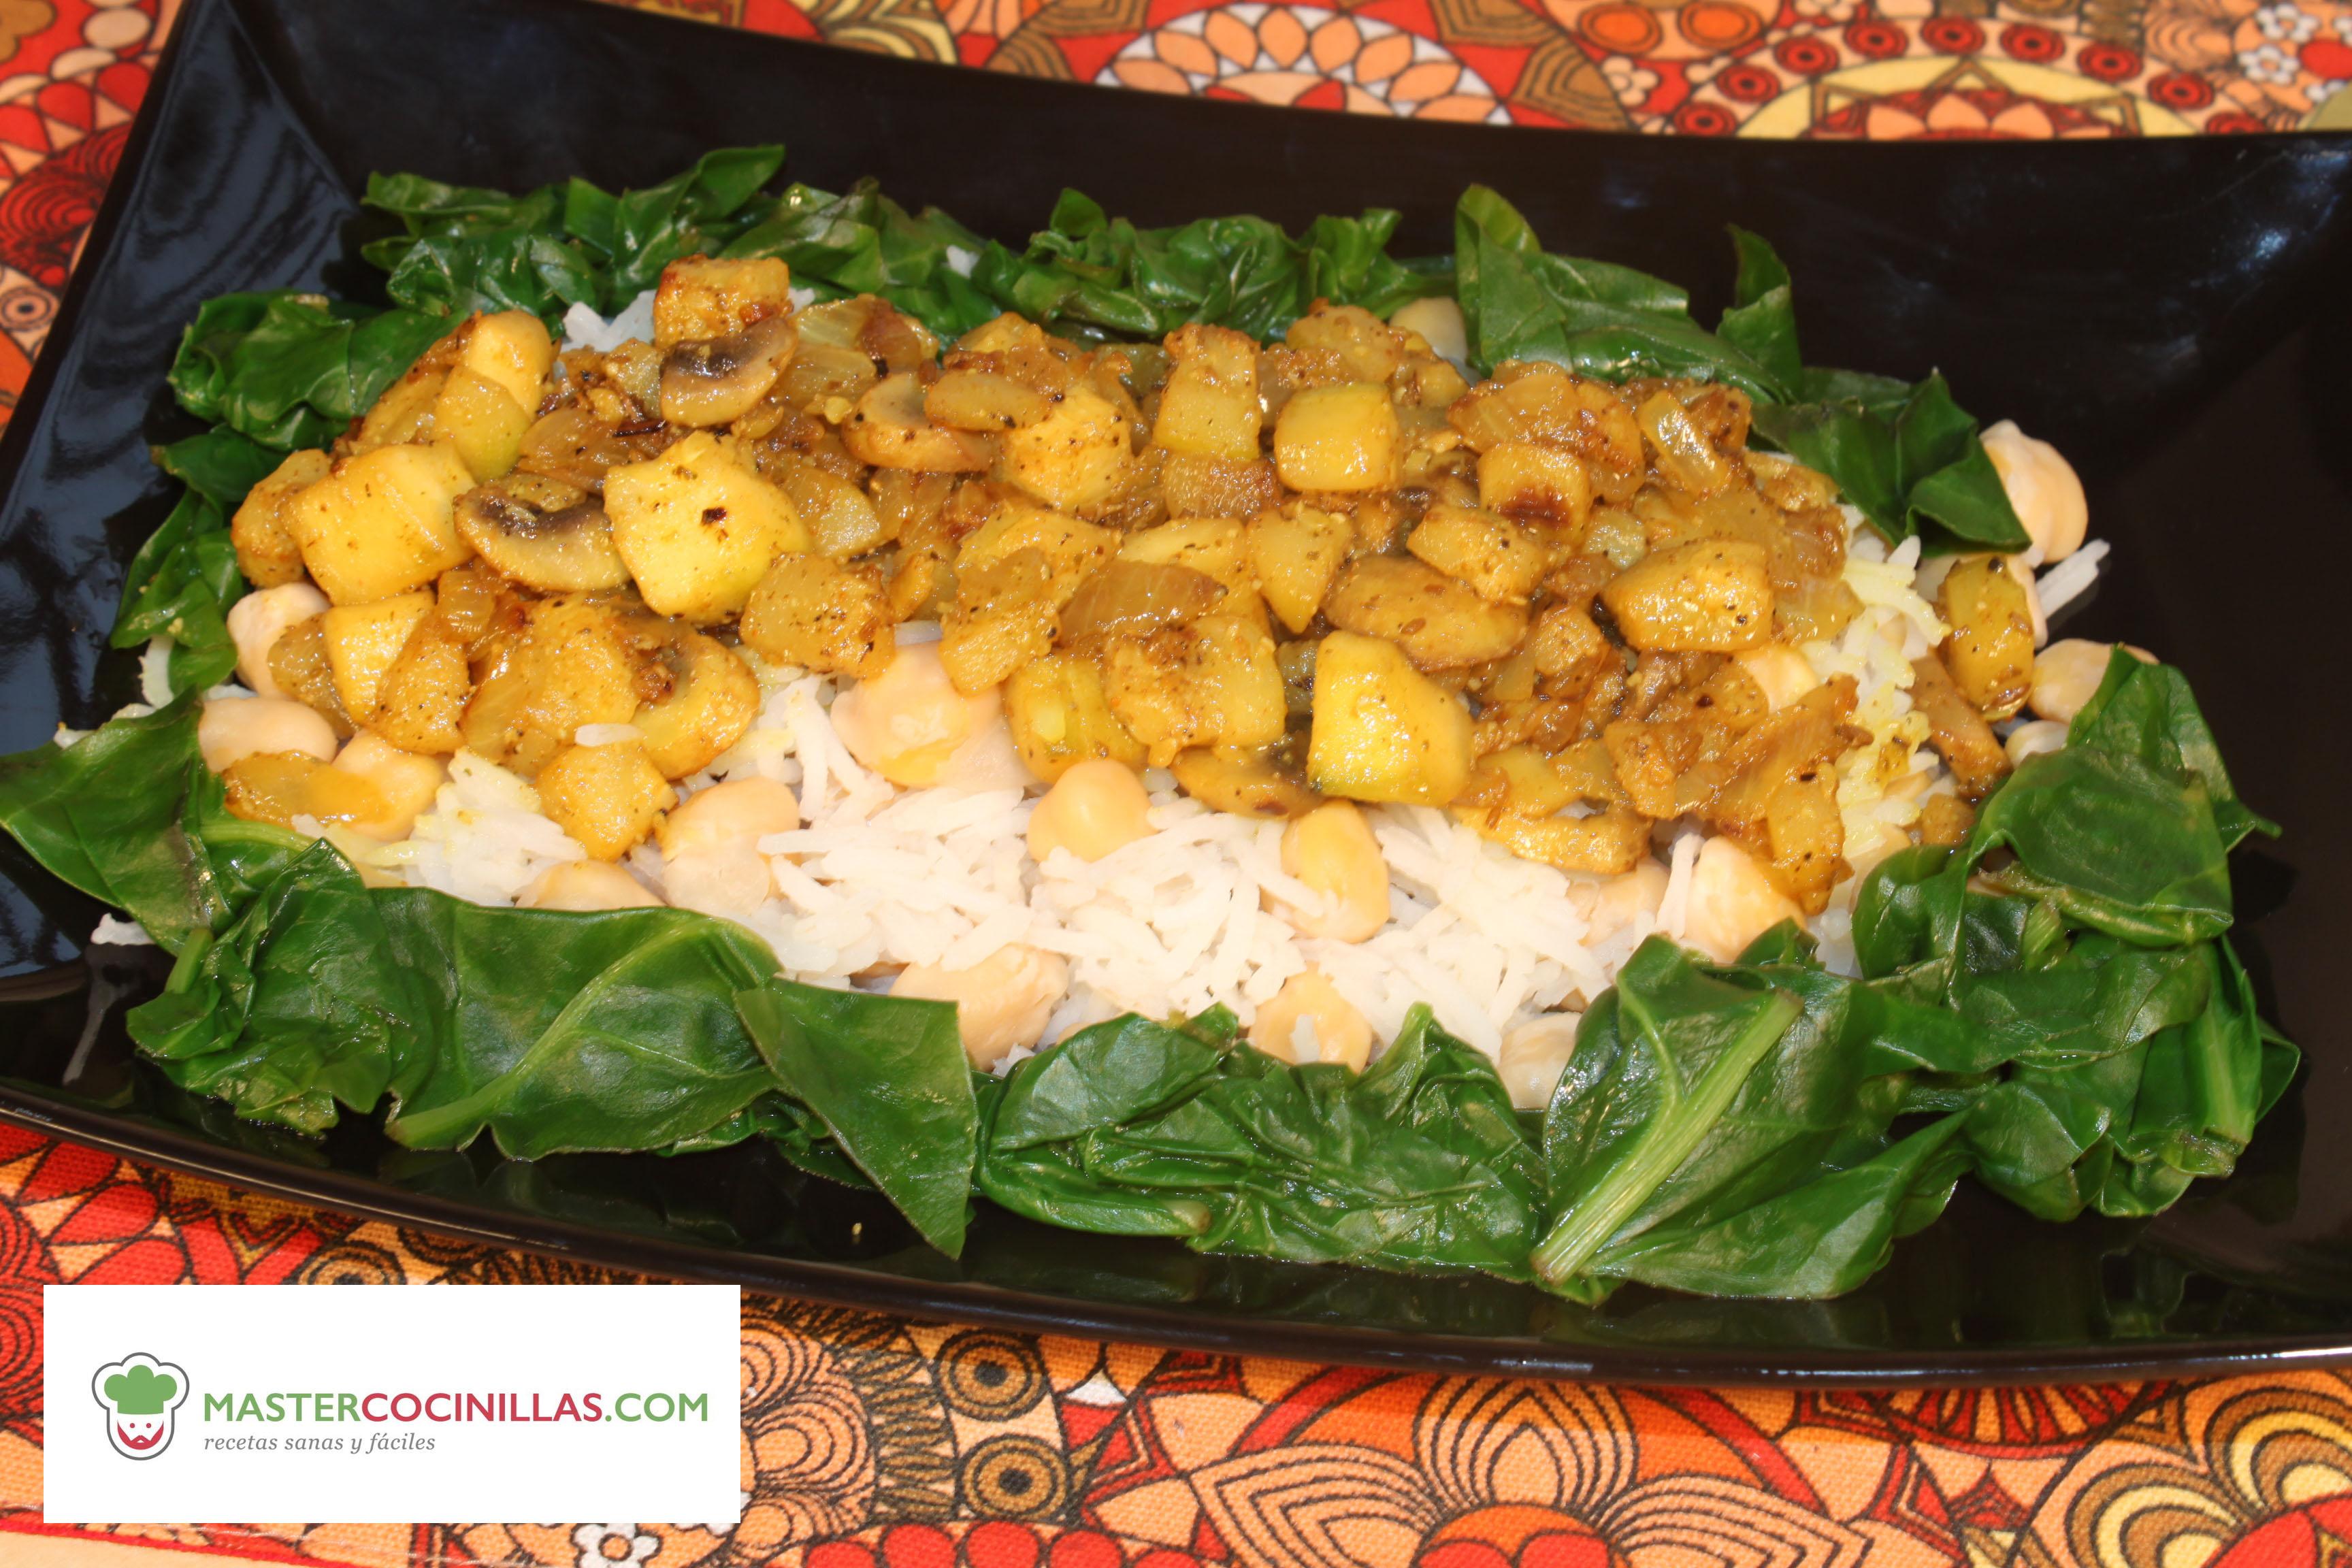 Garbanzos con arroz especiados recetas sanas y f ciles - Arroz con pescado y verduras ...